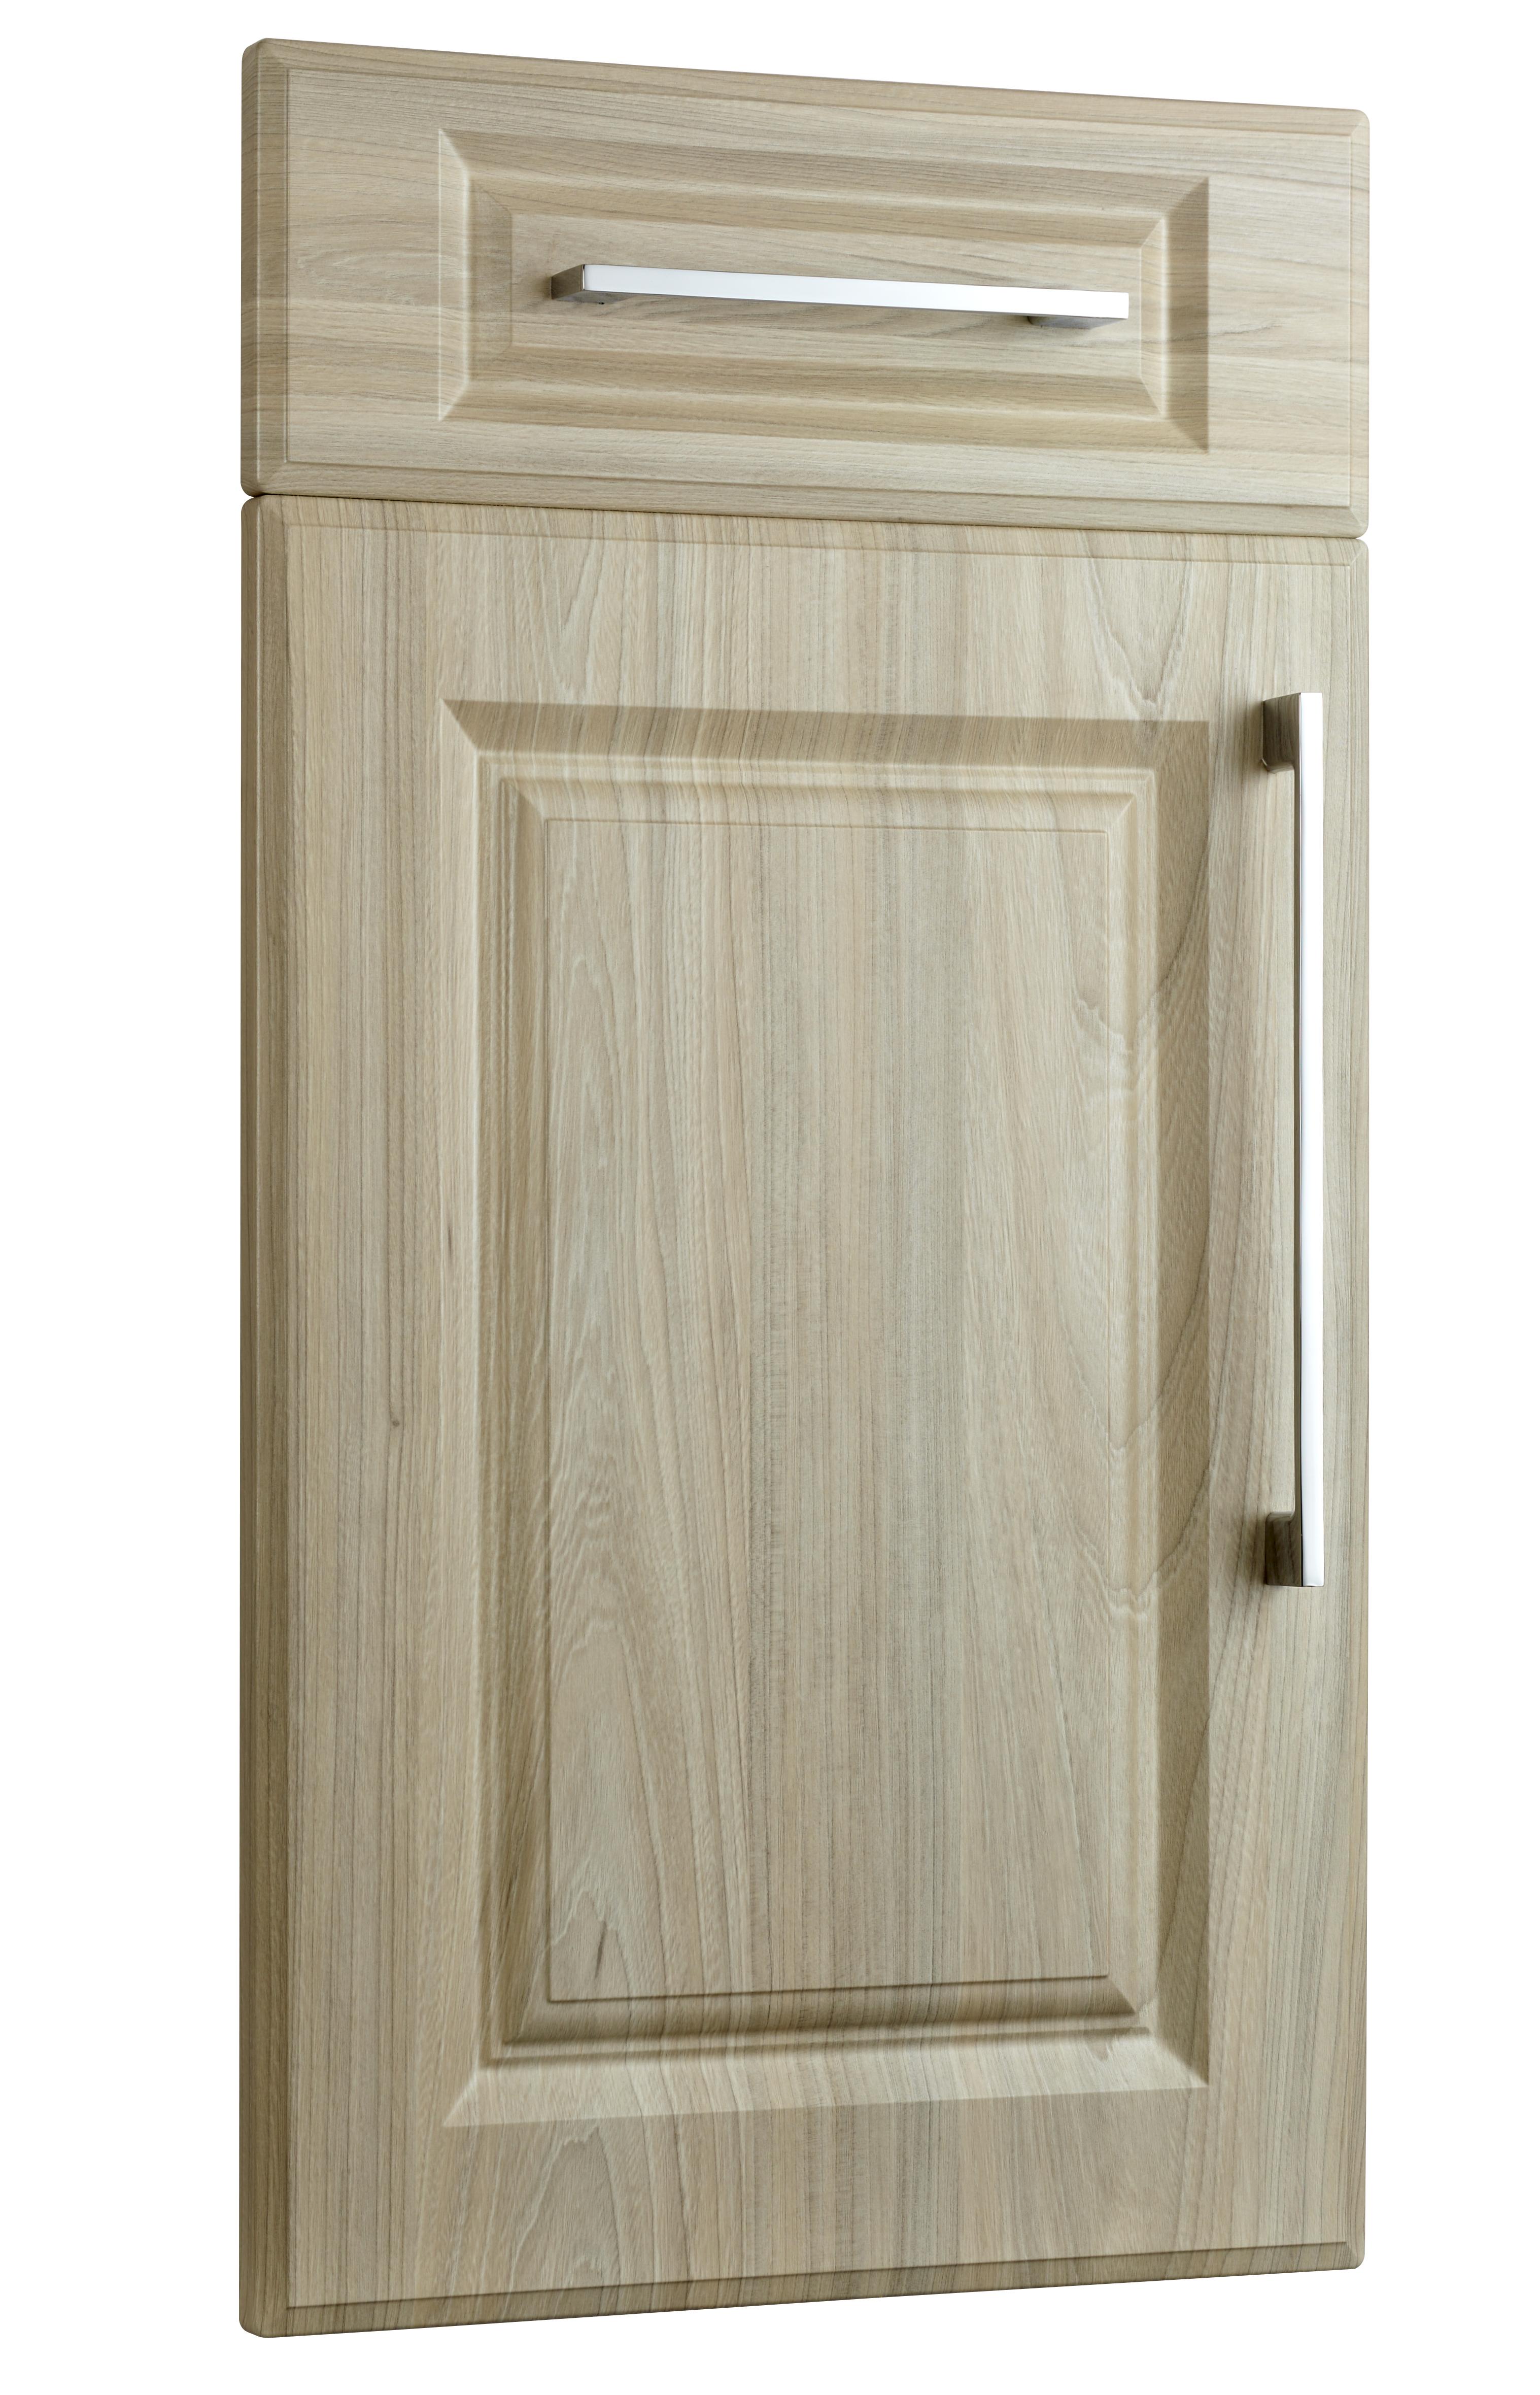 How to measure cabinet doors - Made To Measure Kitchen Doors Zitzat